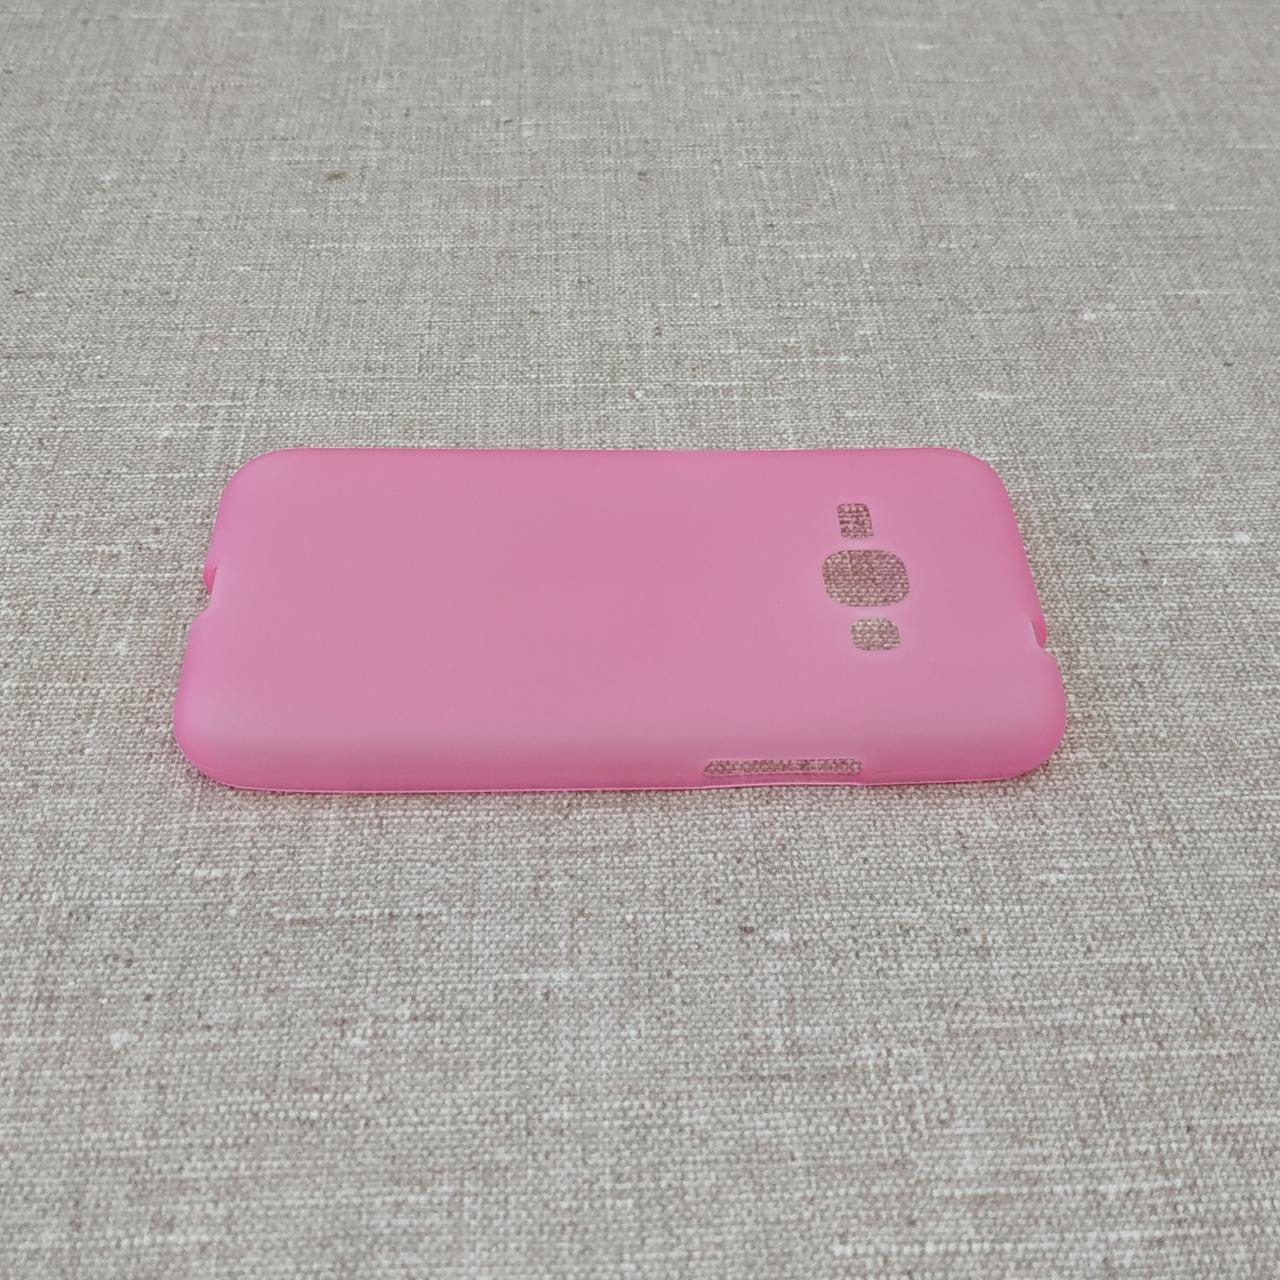 Чехлы для Galaxy J Series (остальные модели) TPU Samsung J120 pink Для телефона J1(2016)